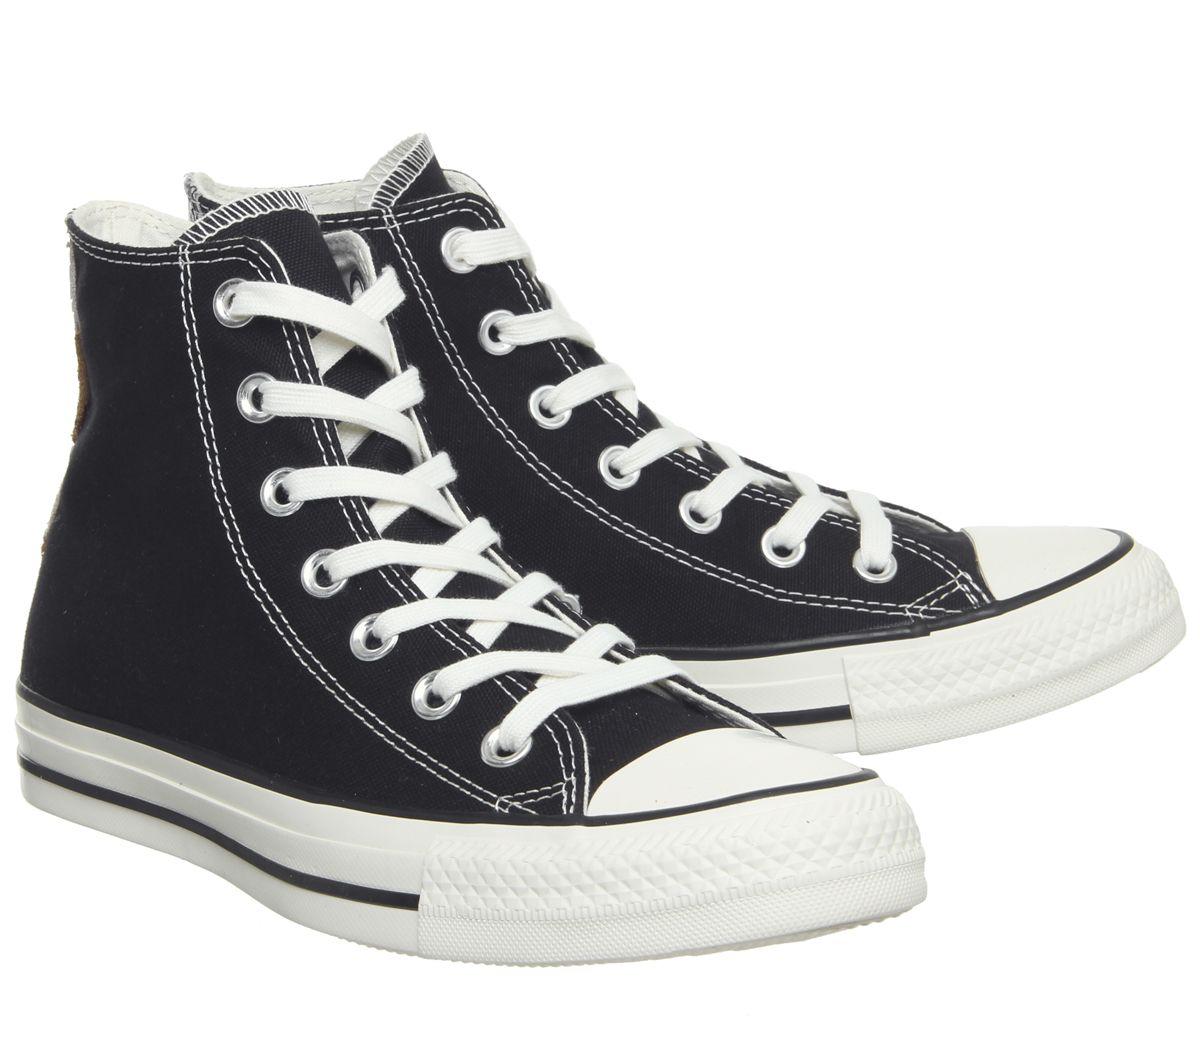 Acheter des chaussures d'origine CONVERSE Converse Chuck